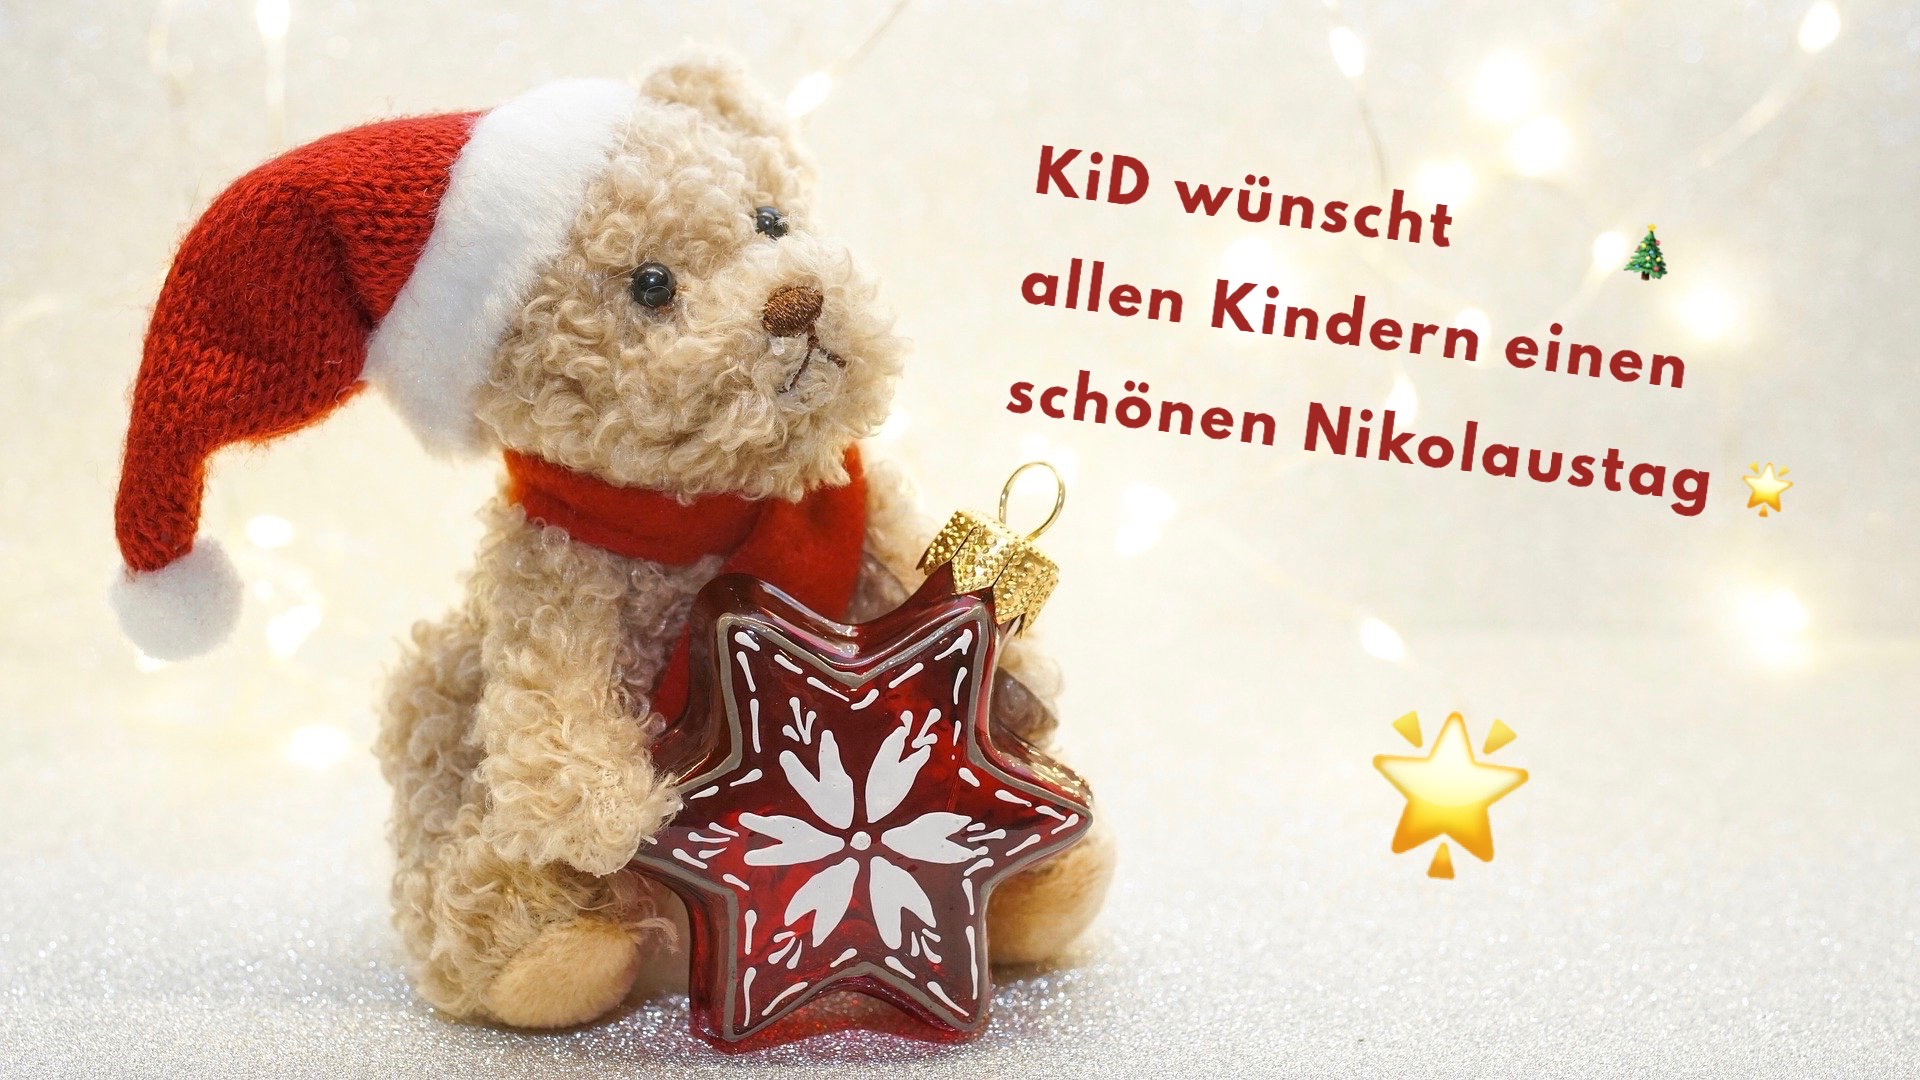 KiD wünscht einen schönen Nikolaustag!